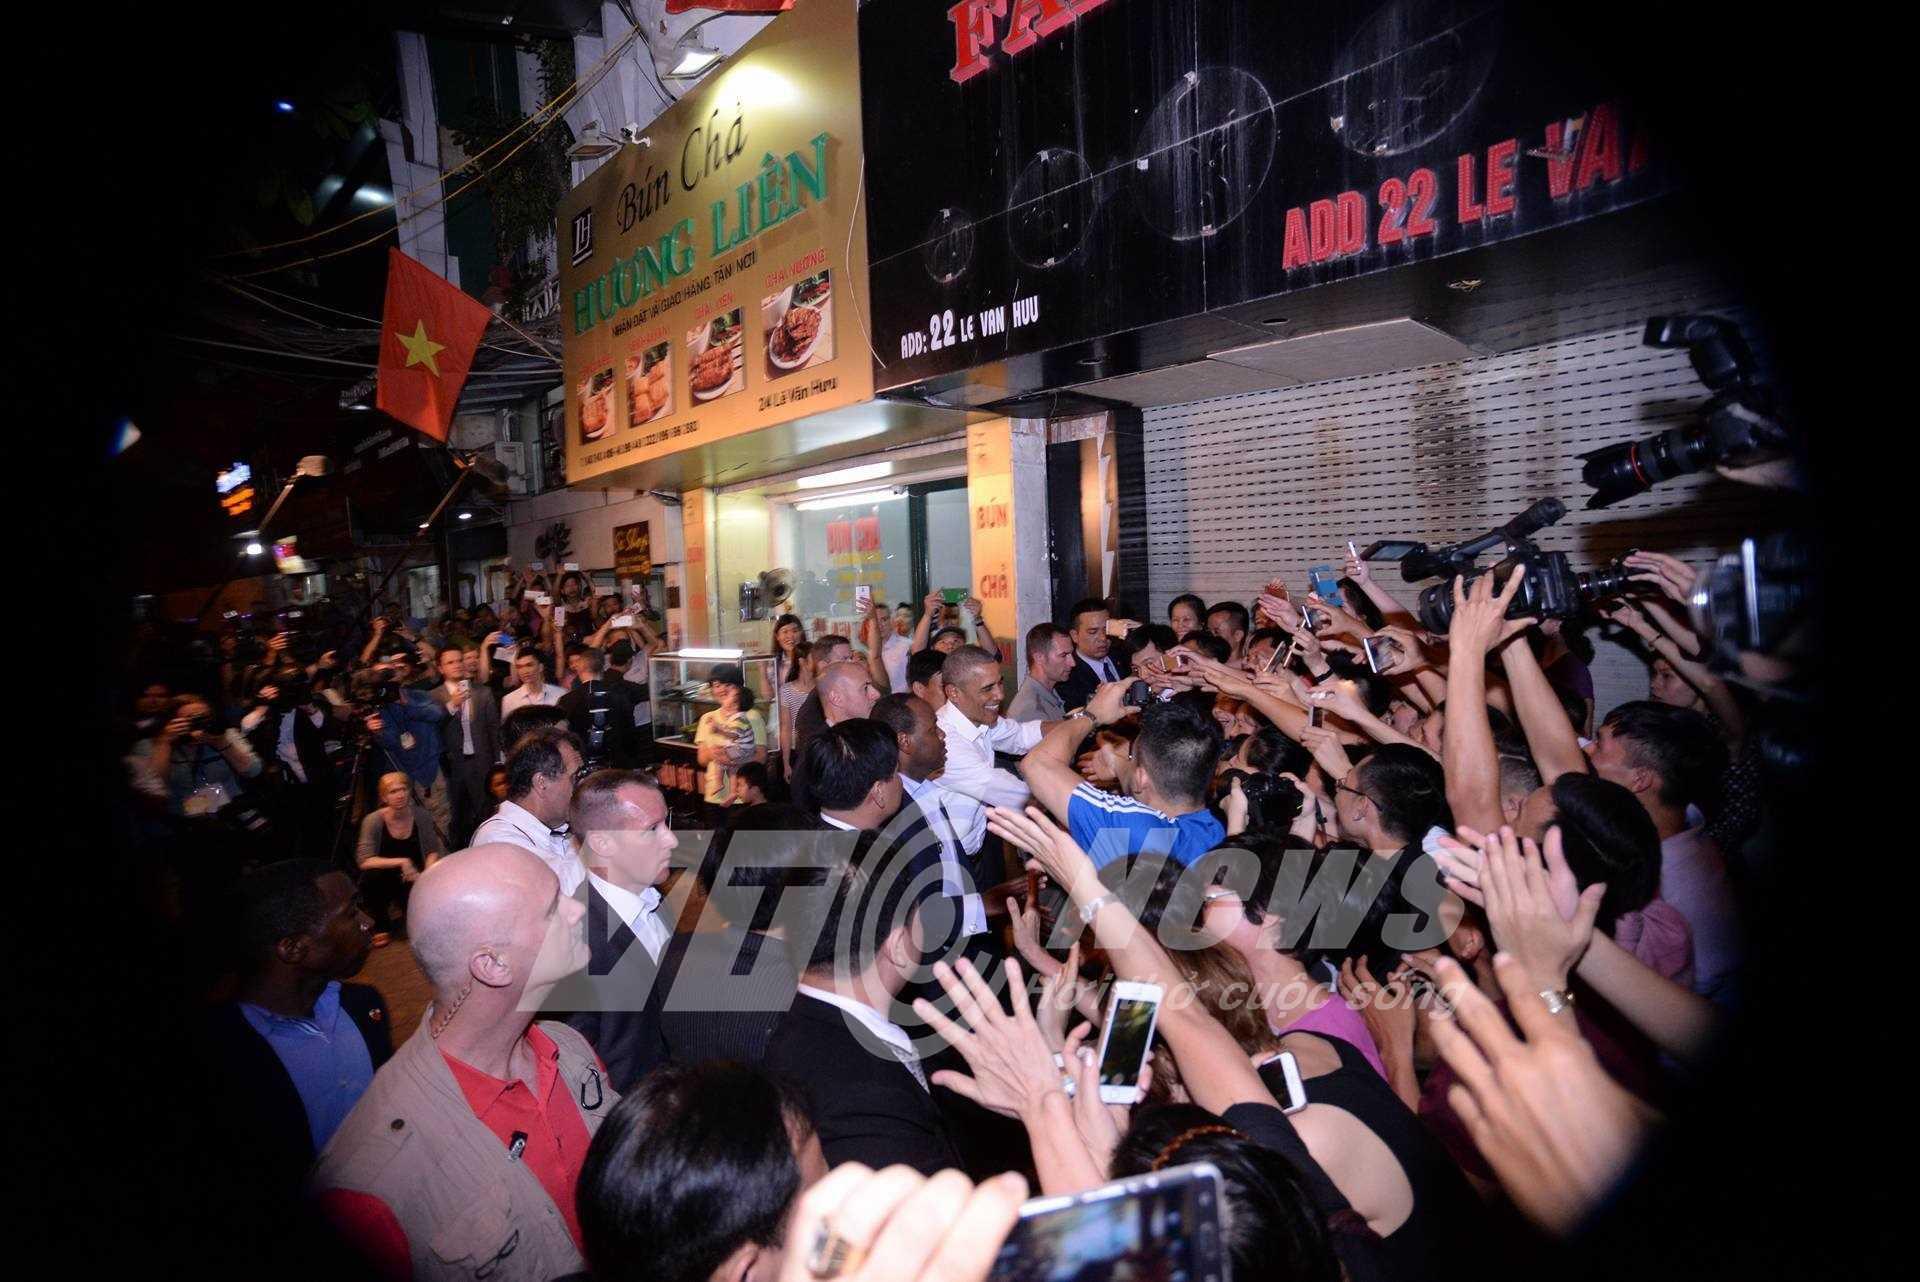 Sự xuất hiện bất ngờ của vị tổng thống Mỹ khiến nhiều người bất ngờ, vui mừng giơ tay chào đón ông (Ảnh: Tùng Đinh)